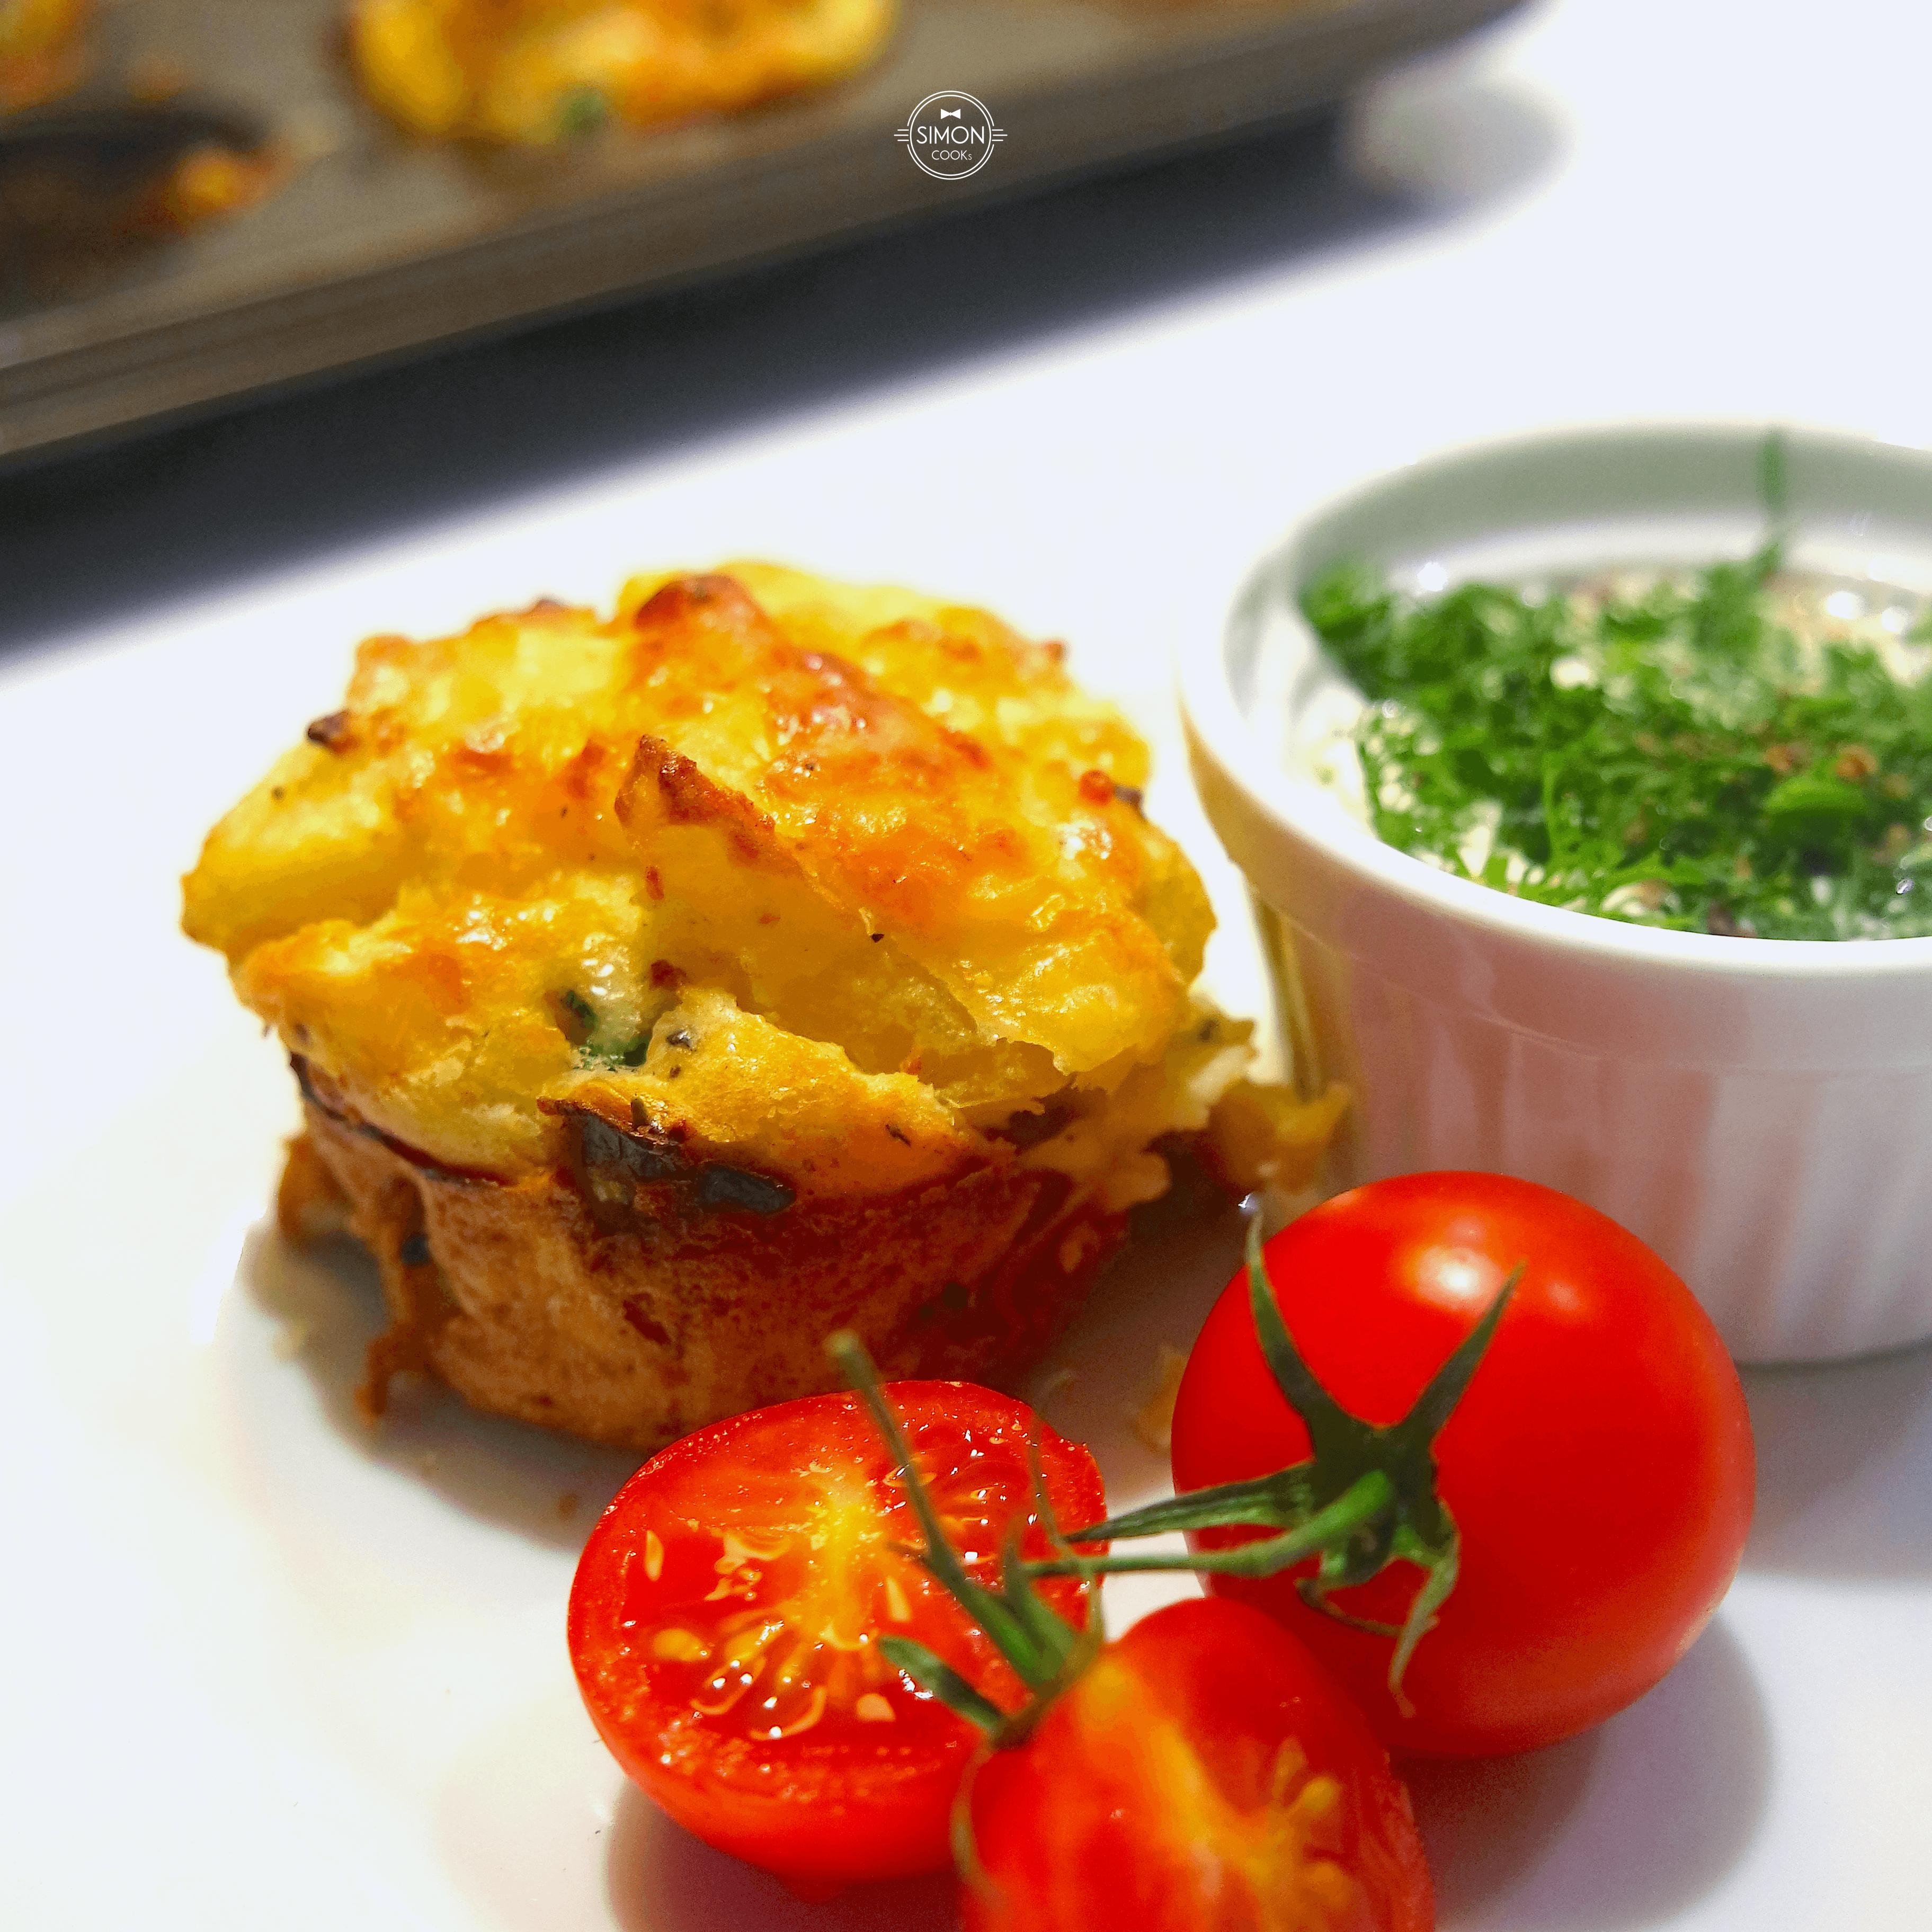 tartinka ziemniaczano-brokułowa `Simon Cooks